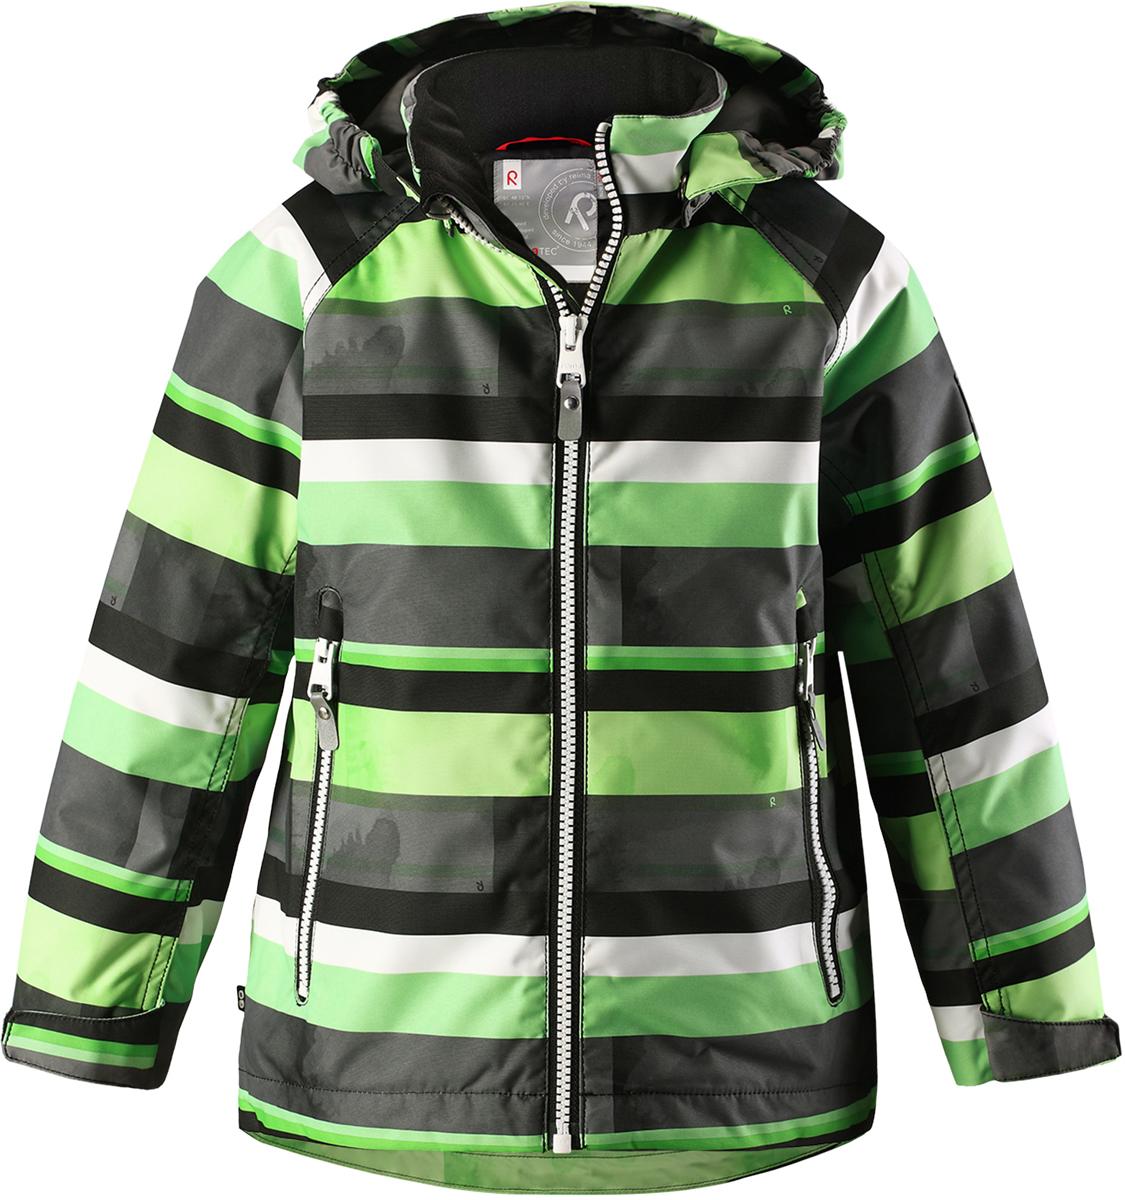 Куртка детская Reima, цвет: серый. 521526R8461. Размер 110521526R8461Детская куртка Reima выполнена из полиэстера с полиуретановым покрытием. Модель с воротником стойкой и съемным капюшоном застегивается на застежку-молнию. Капюшон пристегивается с помощью кнопок. Спереди расположены прорезные карманы на застежках-молниях. Низы рукавов дополнены хлястиками на липучках.